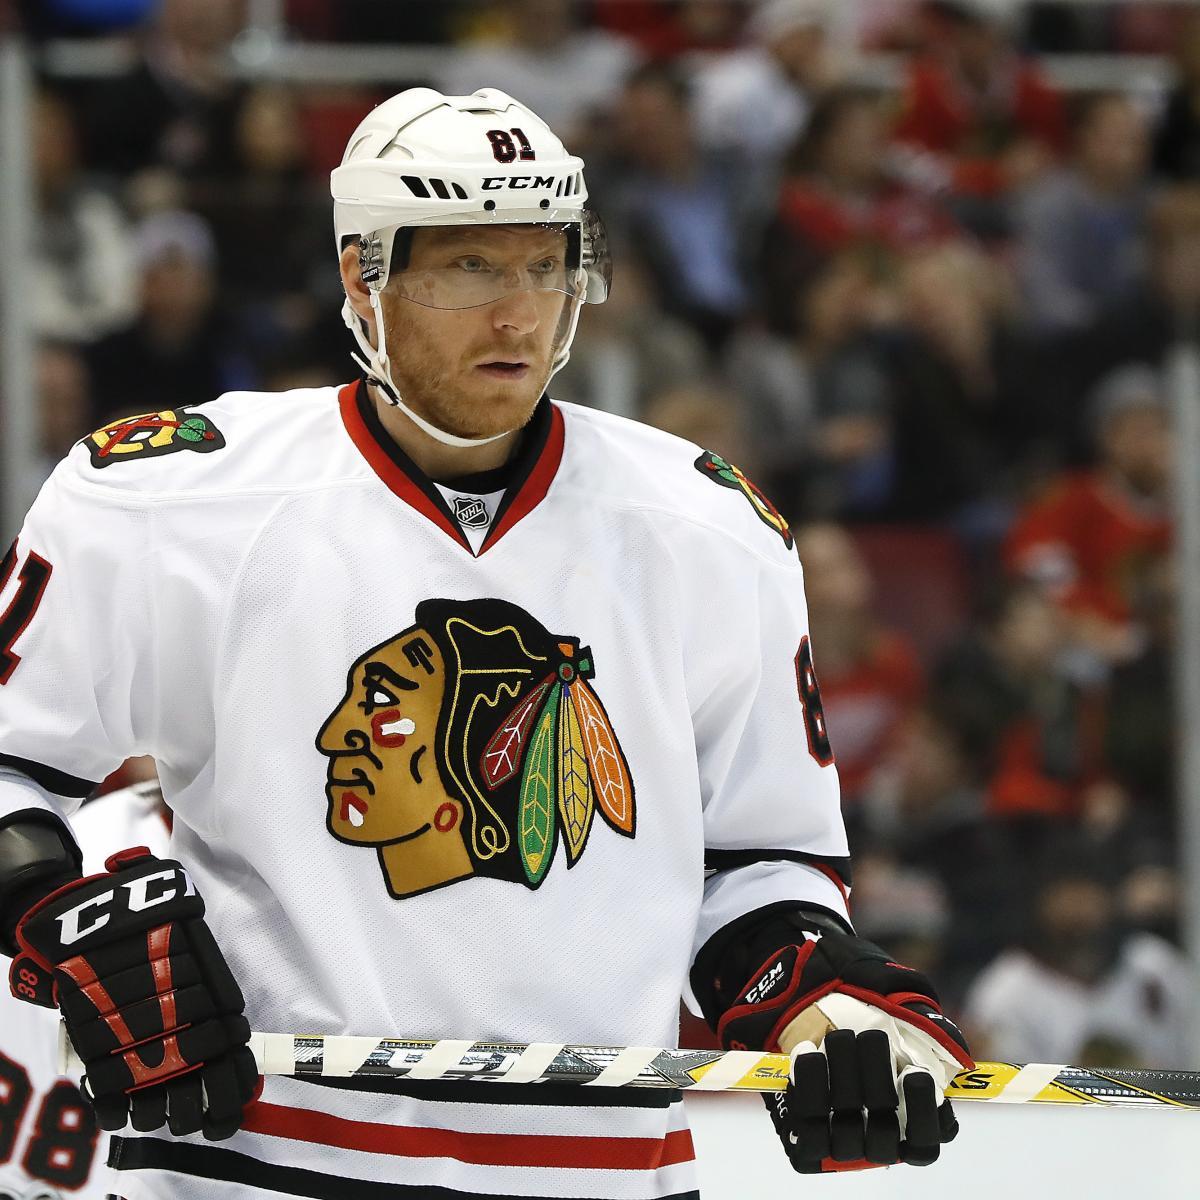 NHL star